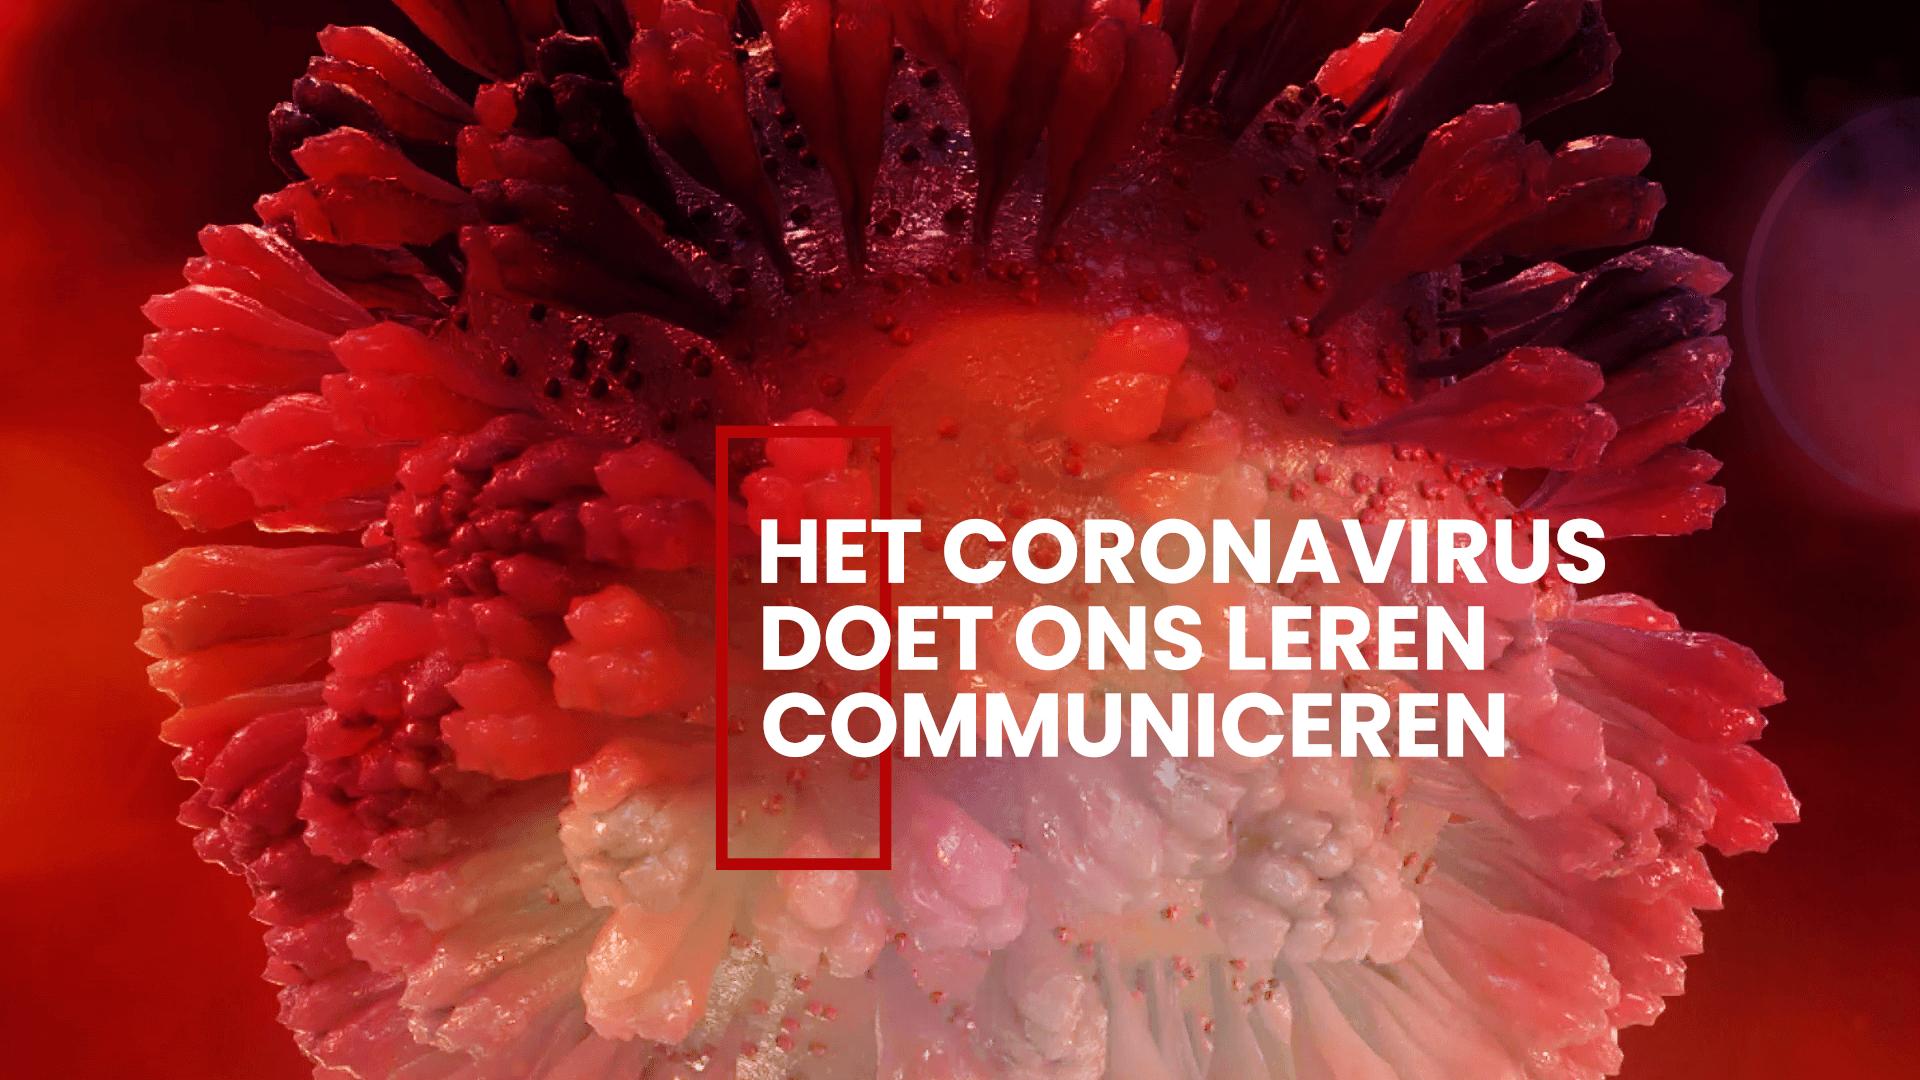 Coronavirus doet ons leren communiceren